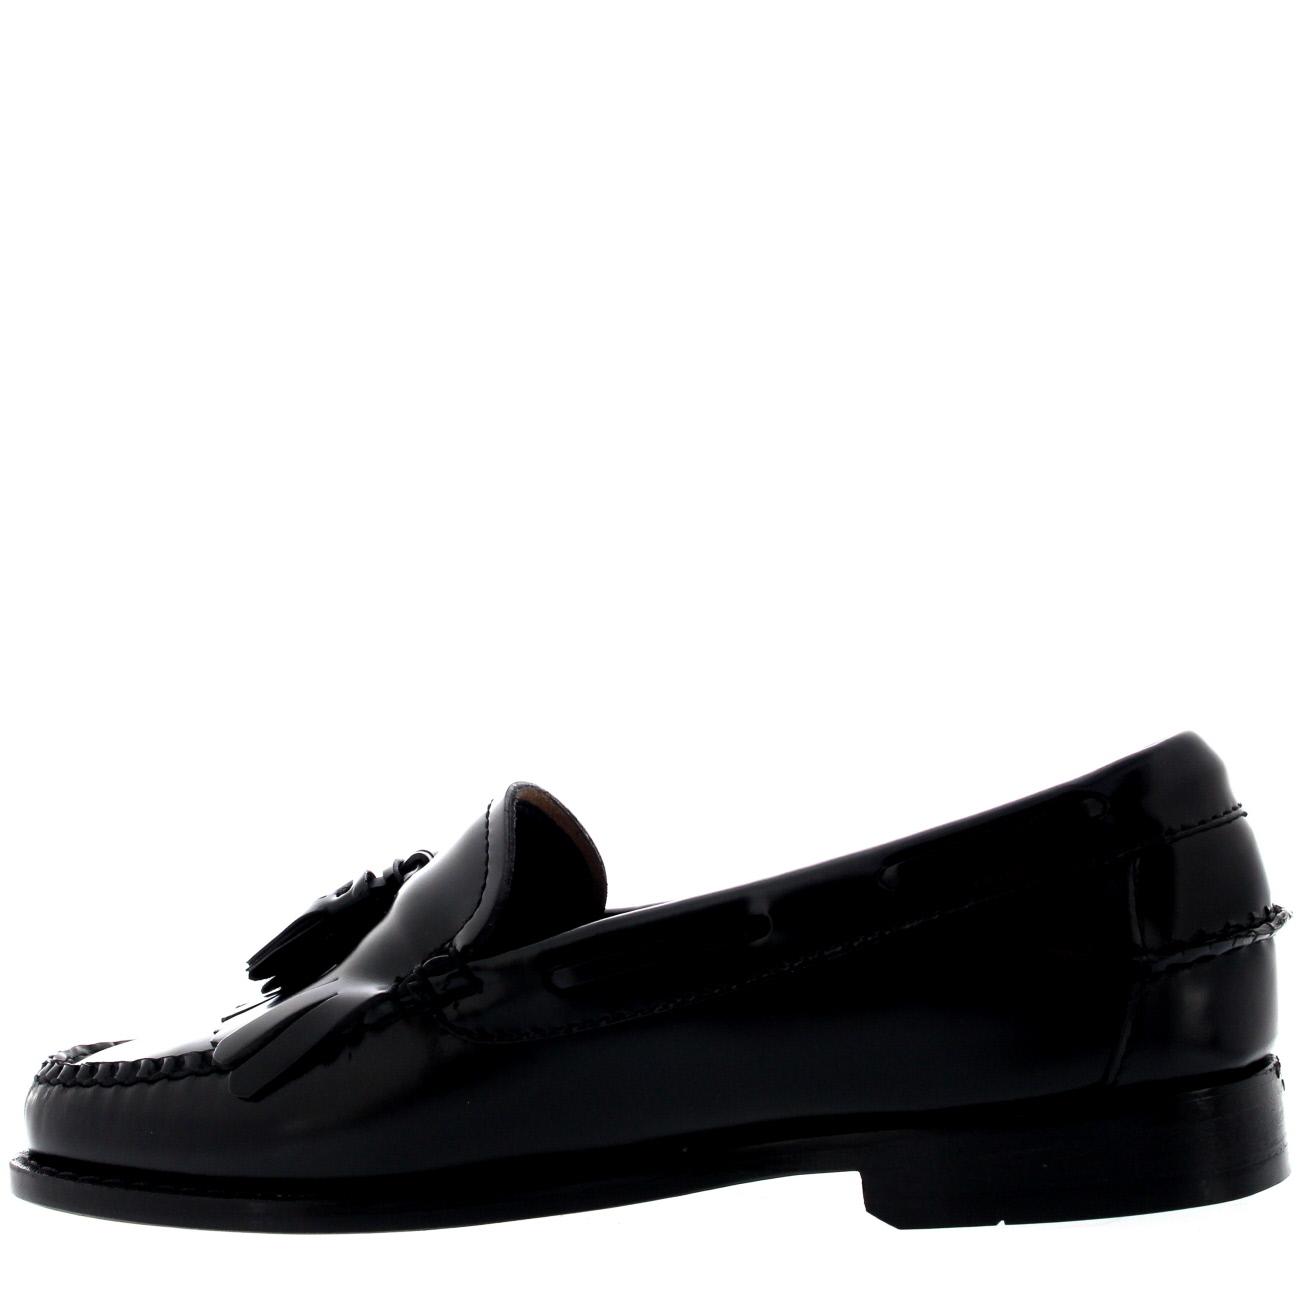 Damenschuhe G.H Slip Bass Weejuns Esther Kiltie Slip G.H On Smart Work Loafers Schuhes UK 3-9 e0a472